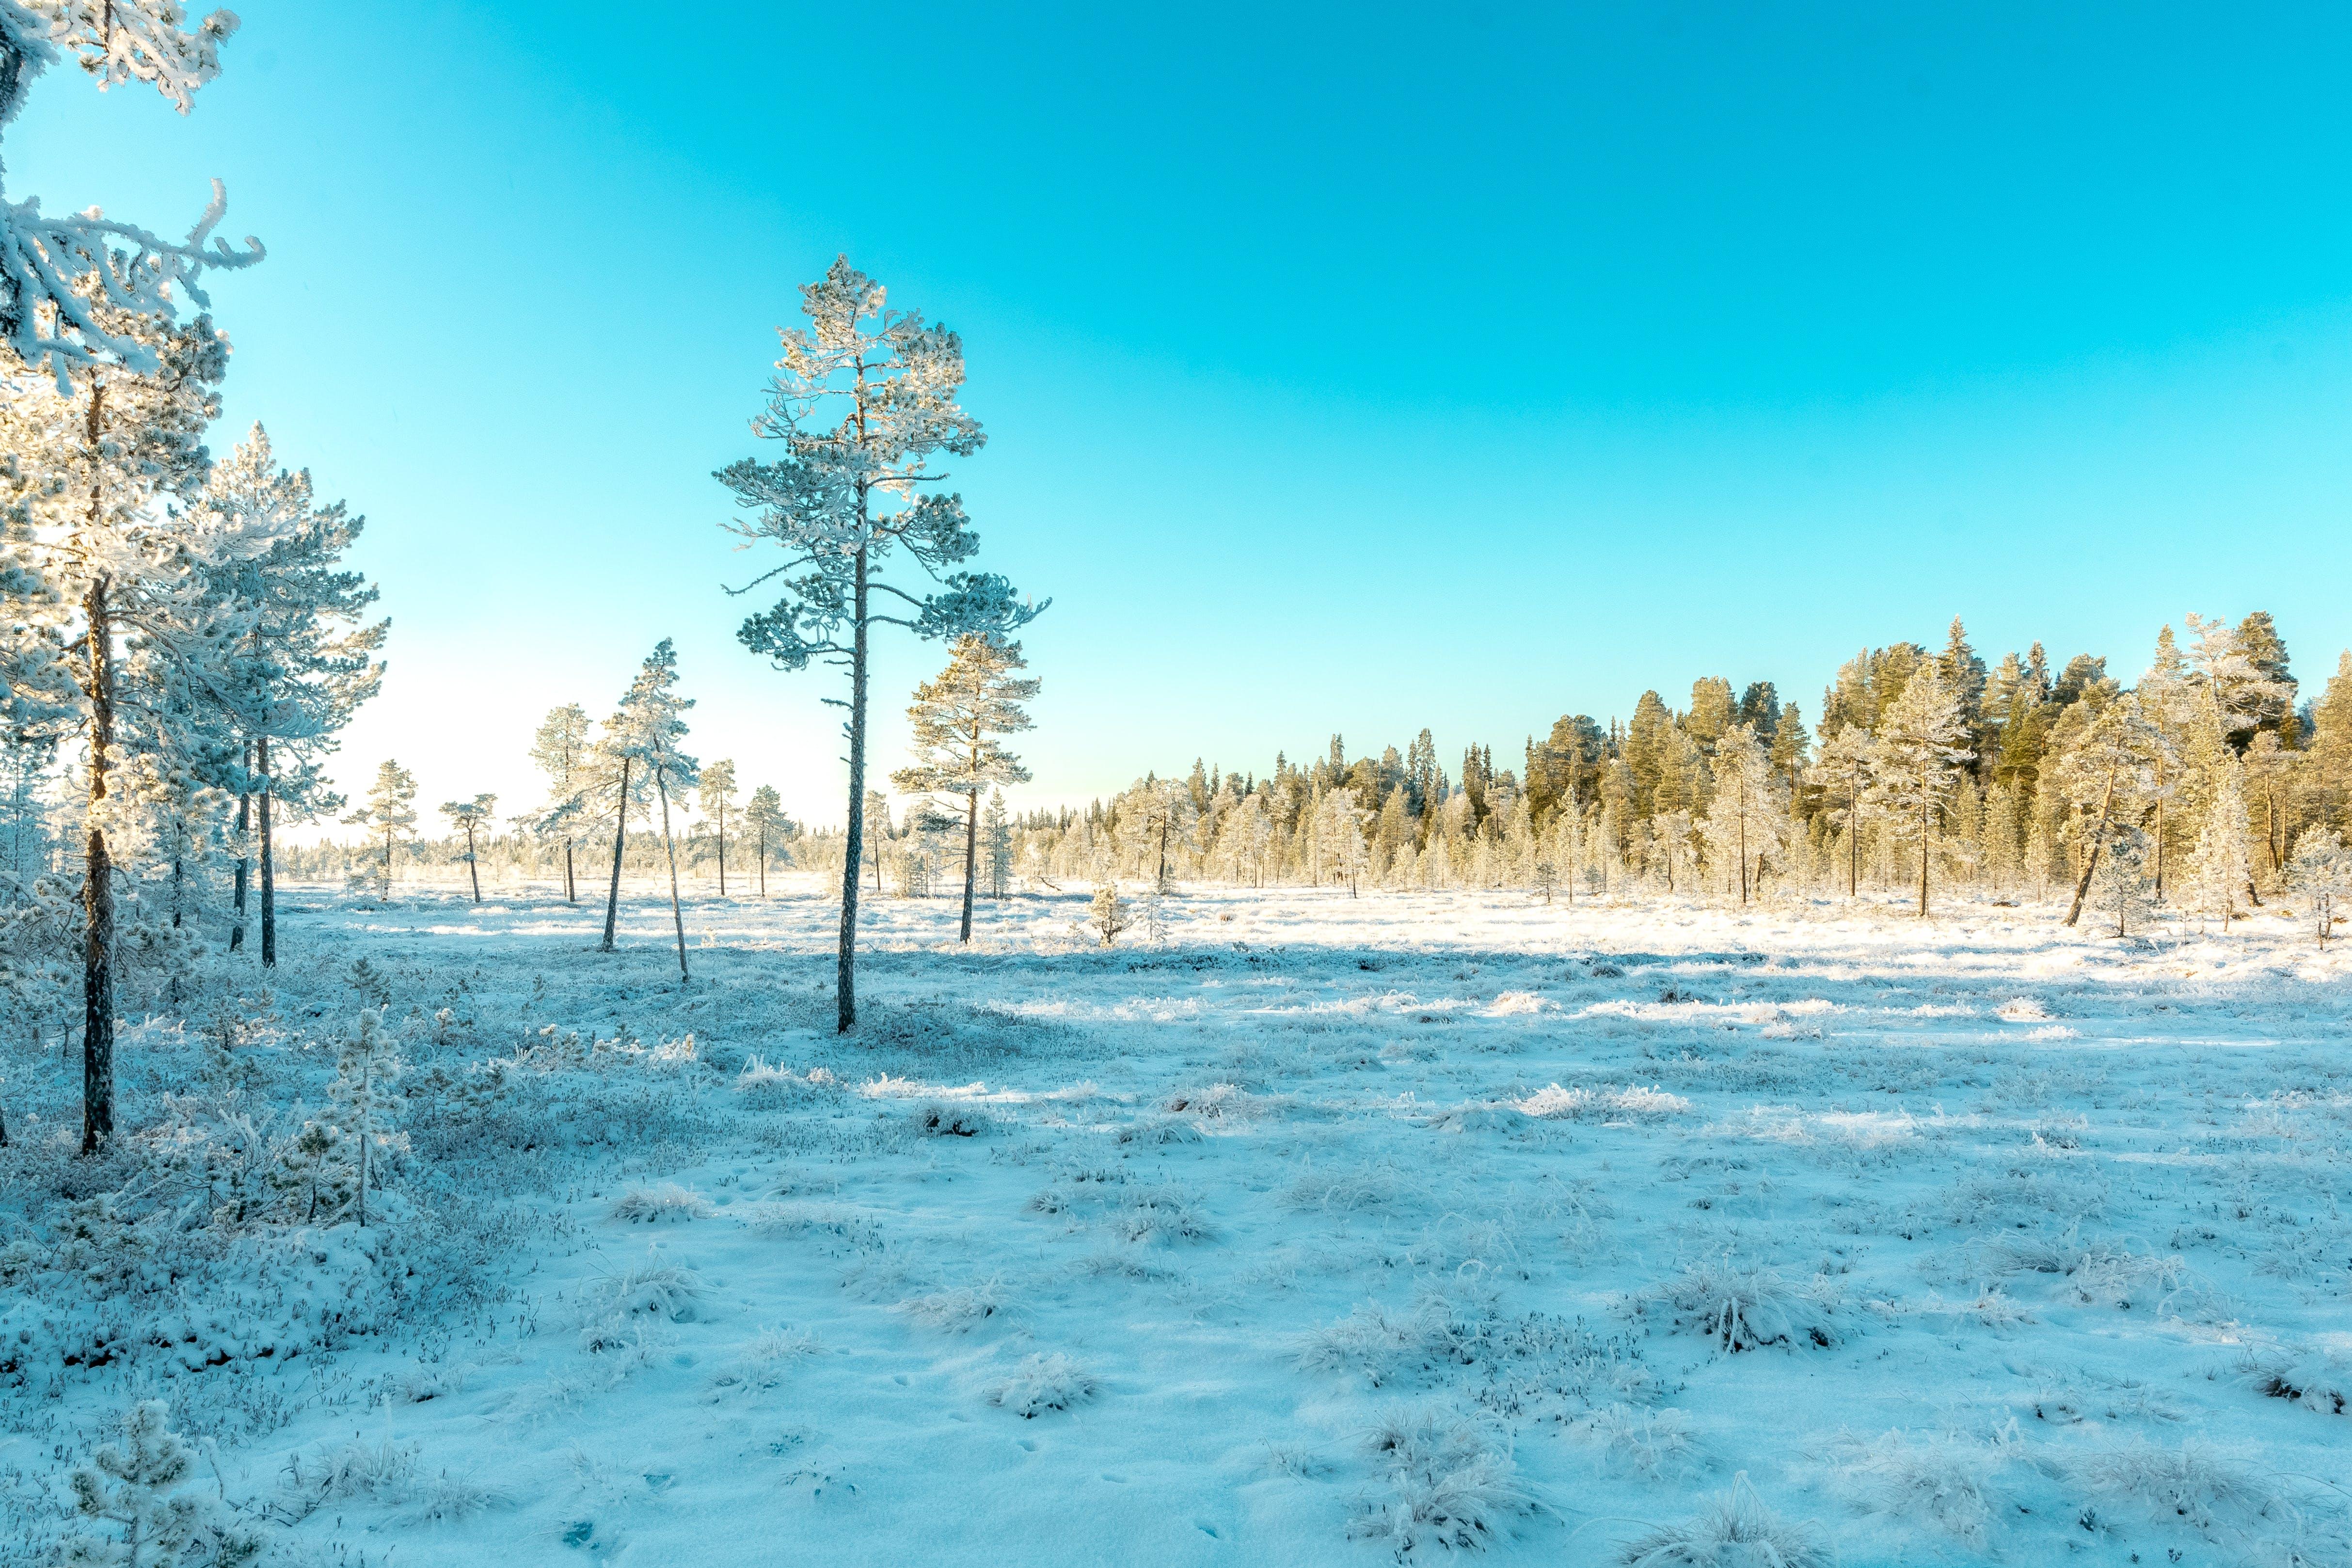 dagsljus, frost, frostig